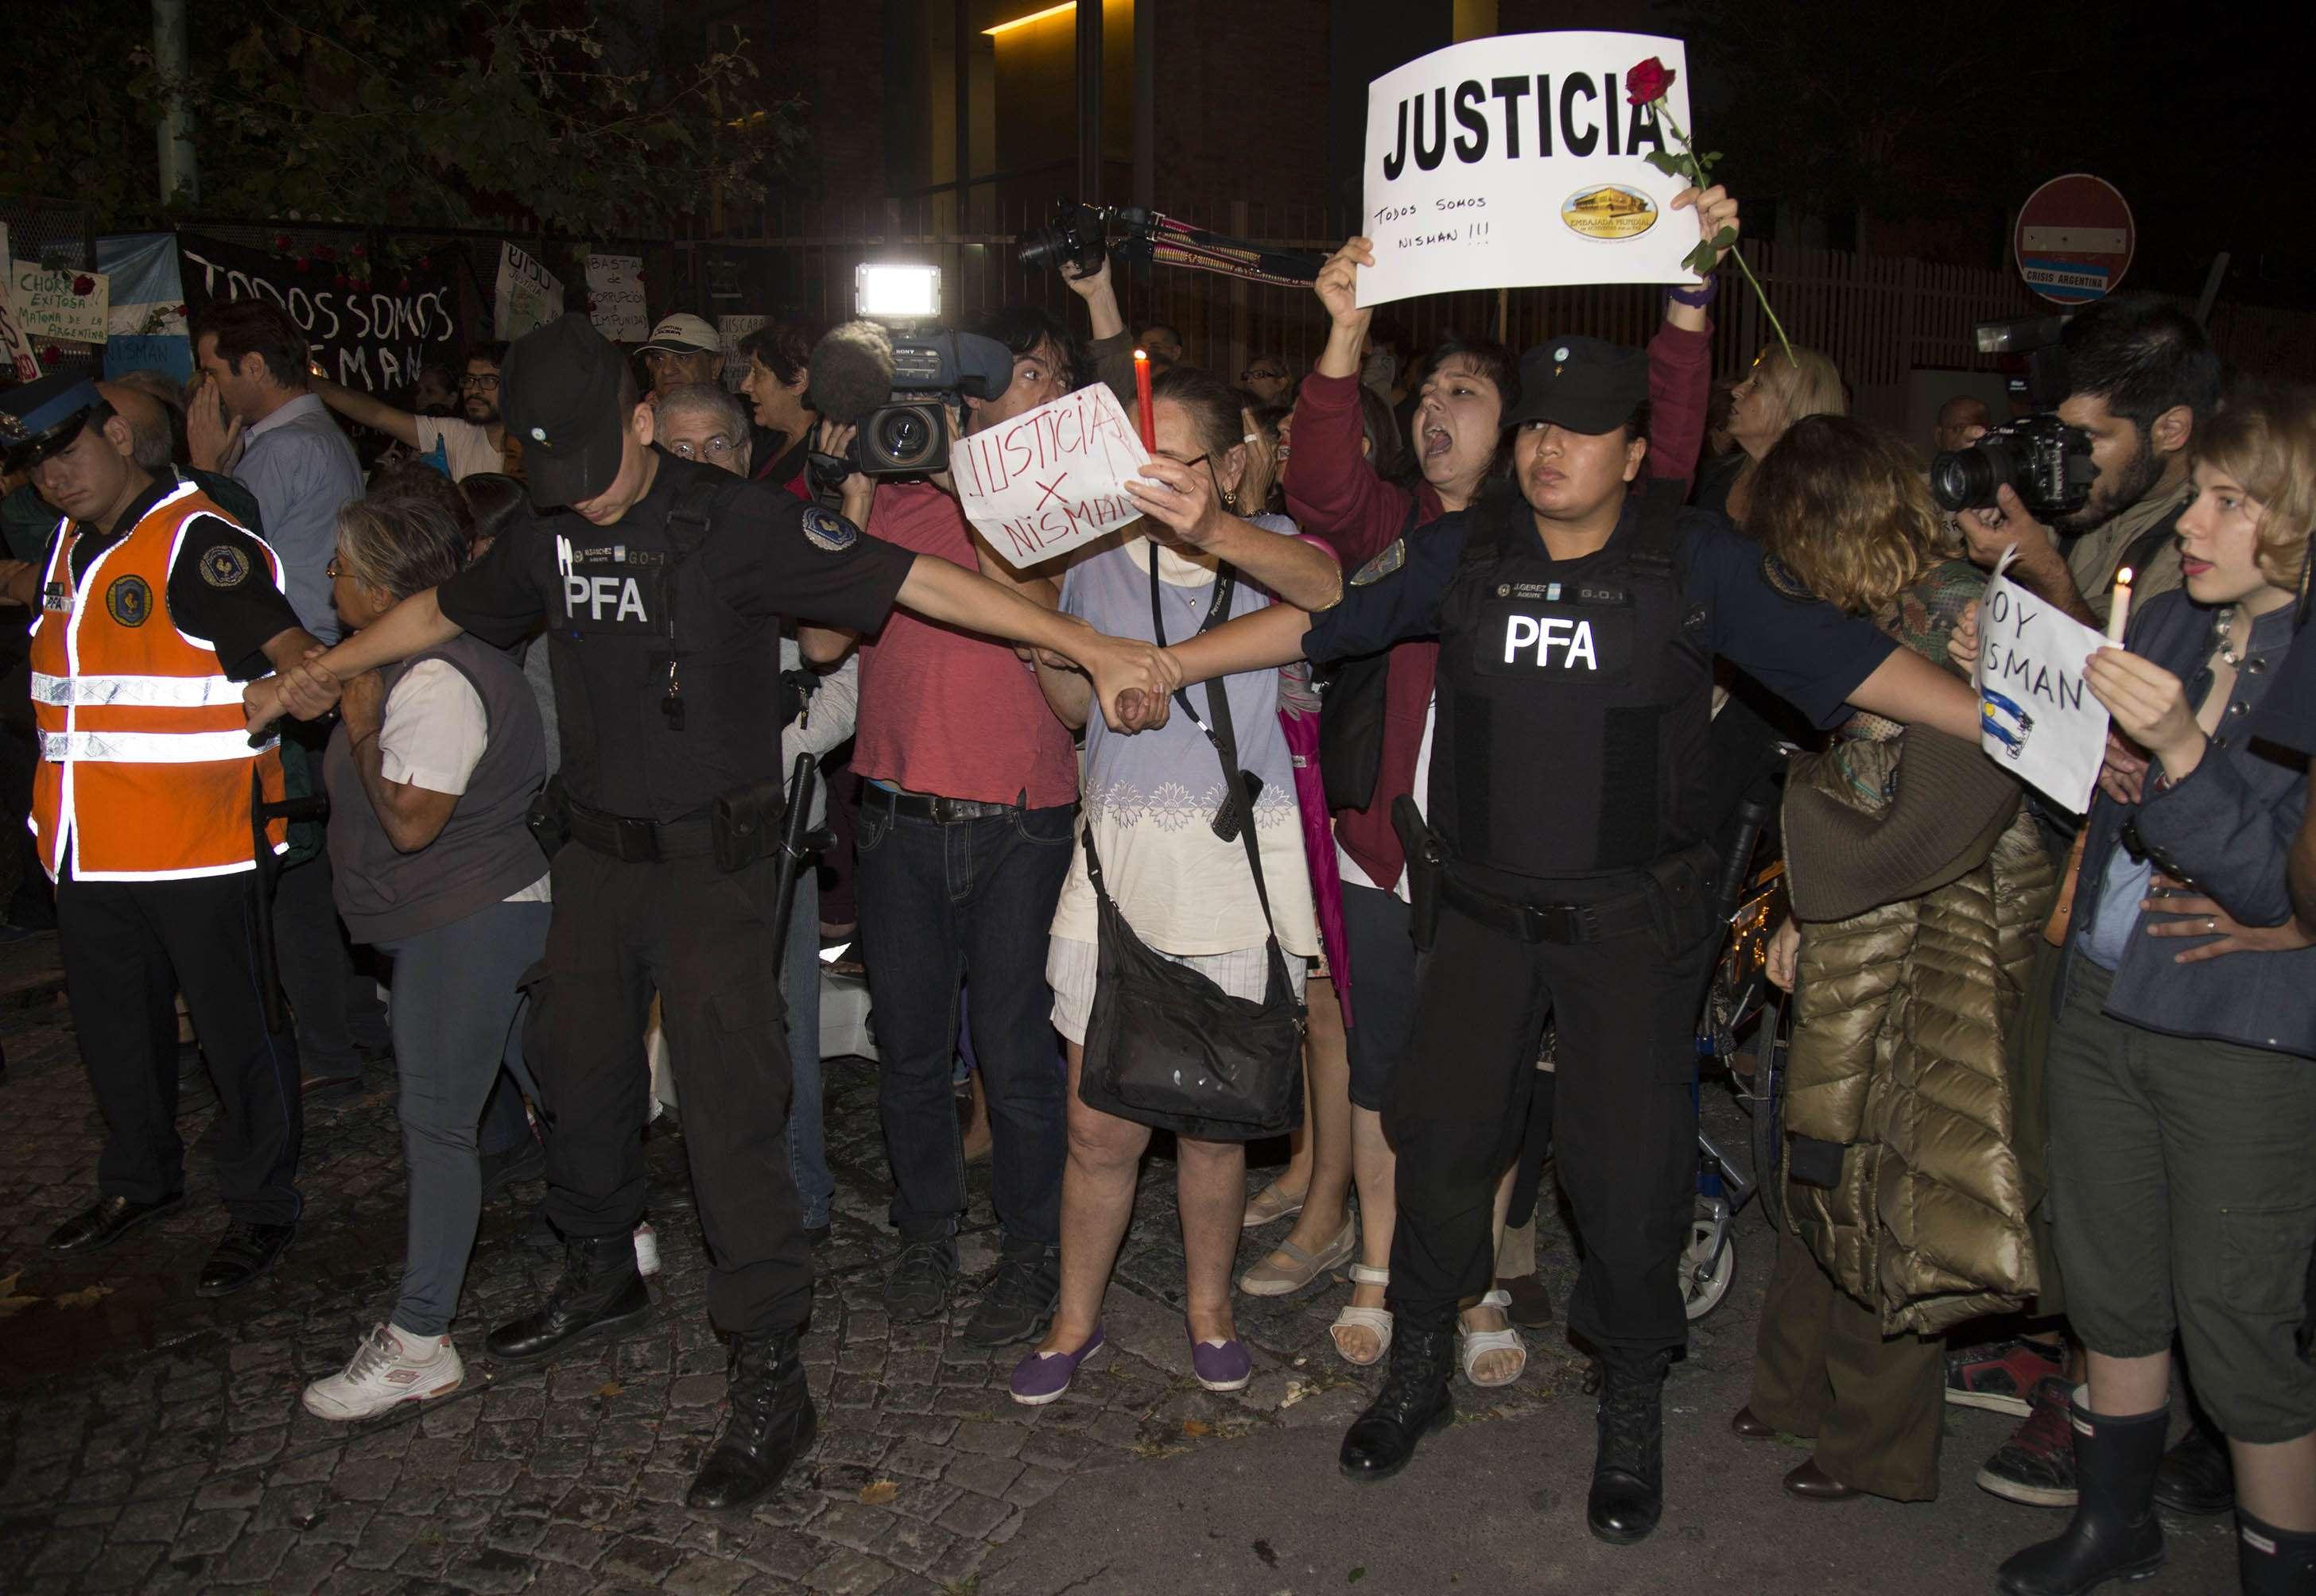 Allegados y público en general se acercó a la casa velatoria donde despedían los restos del fiscal Alberto Nisman en el barrio porteño de Belgrano. Foto: NA